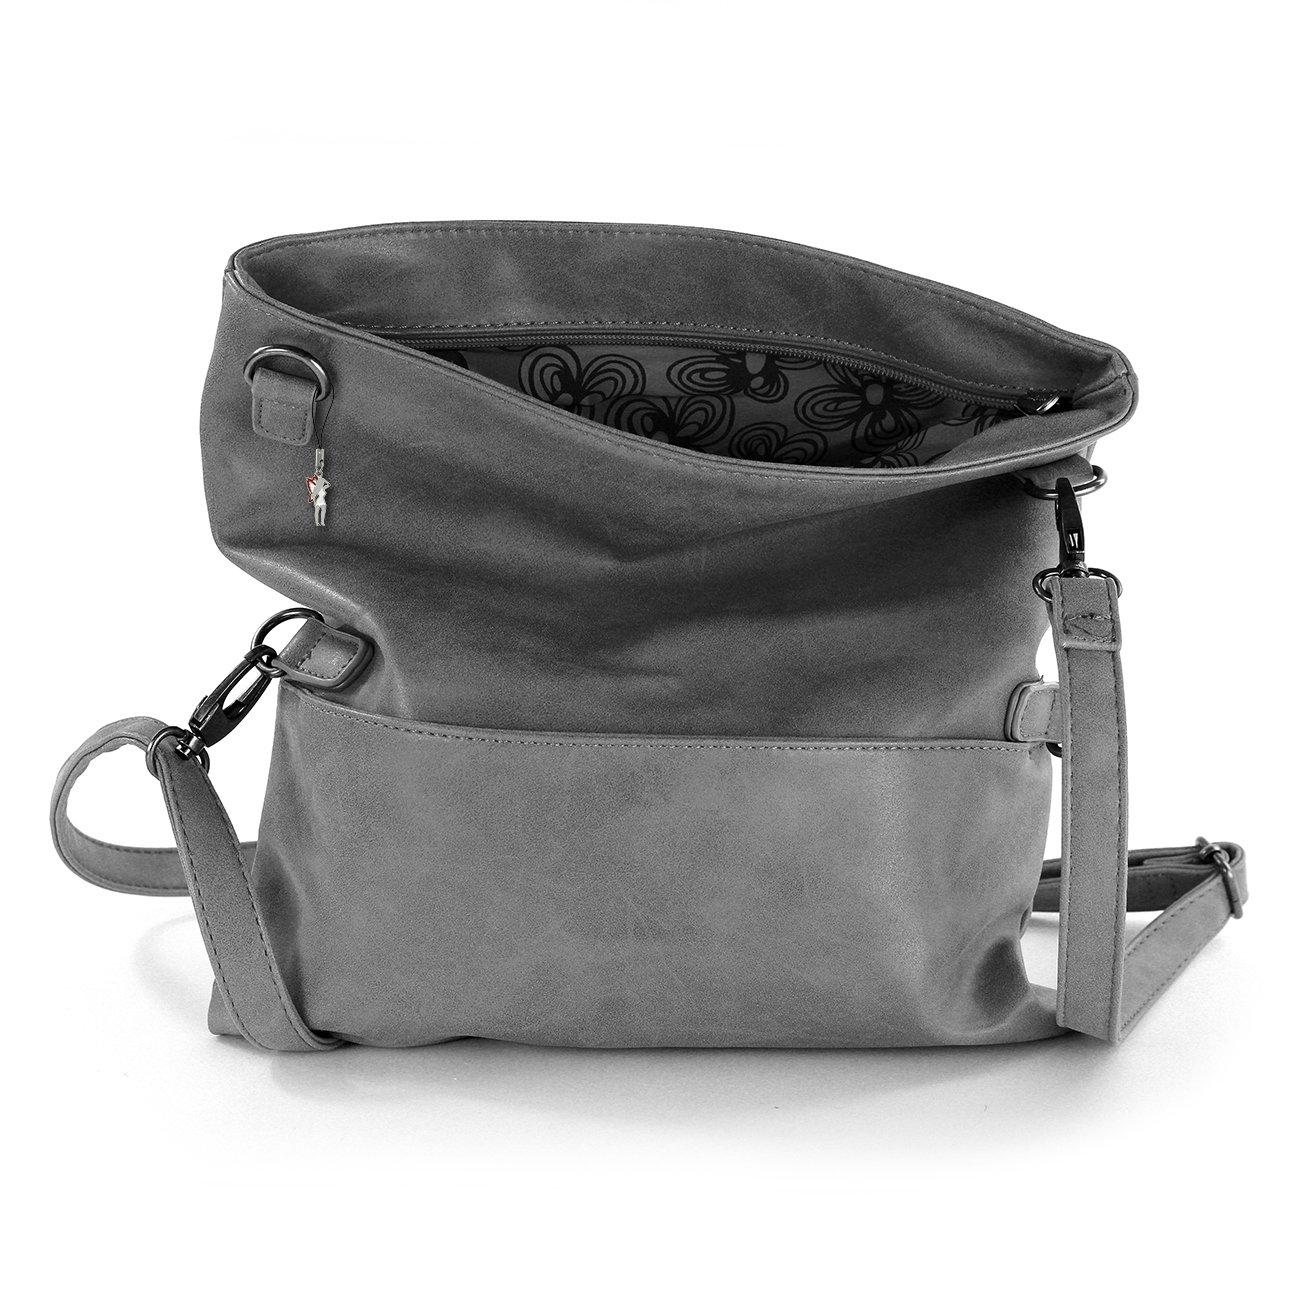 Abendtasche Clutch Jennifer Jones grau Damen Handtasche Umhängetasche OTJ800K